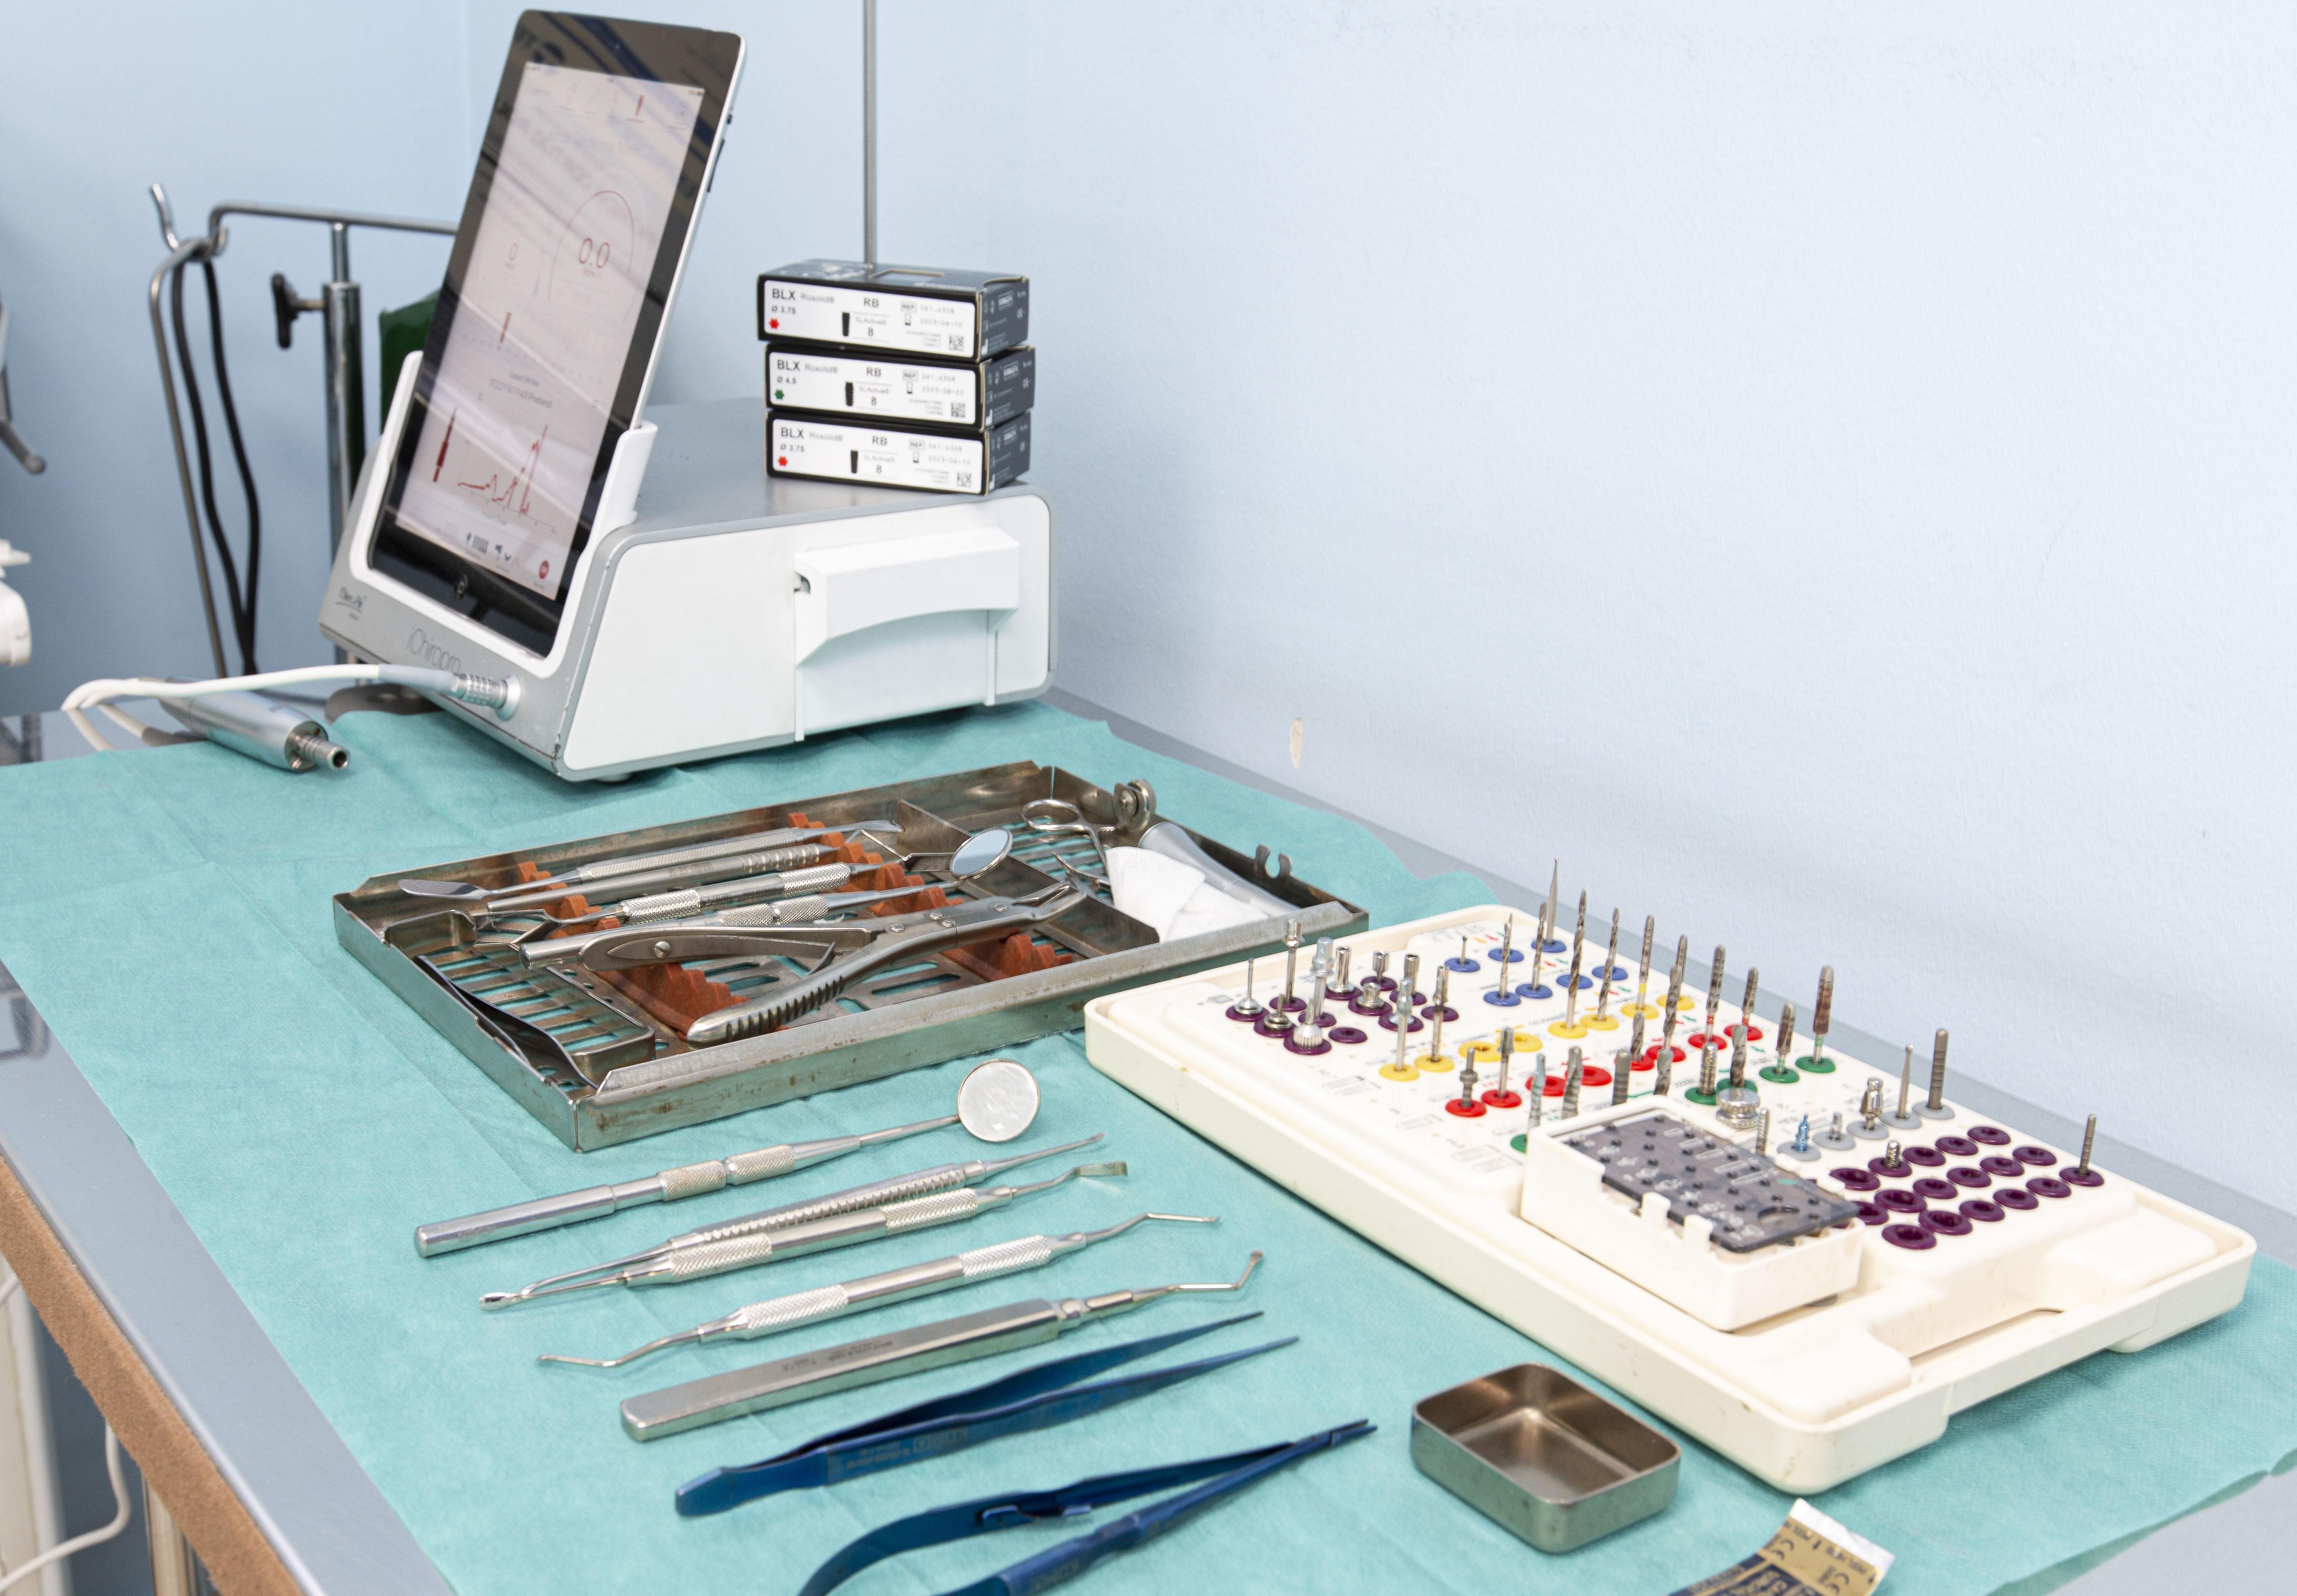 Implantología y Cirugía Bucal: Especialidades de Clínica Dental Dr. Yagüe